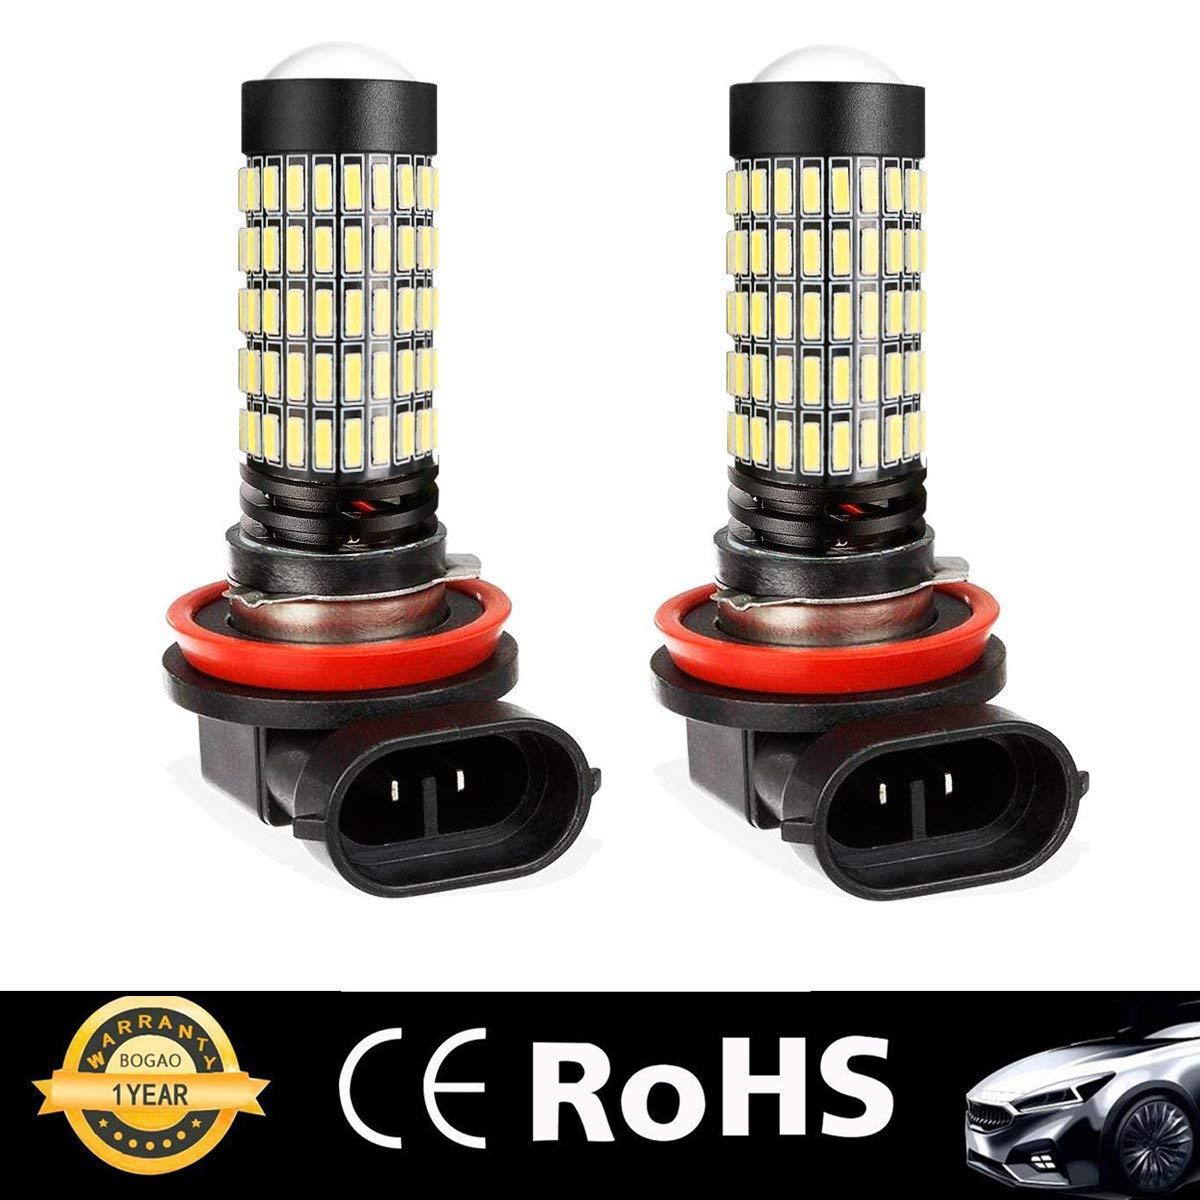 2504 BOGAO haute puissance 1700 lumens 4014 112-SMD super lumineux 6000K blanc 12276 2504 PSX24W 2504 ampoules LED pour le remplacement des lampes antibrouillard